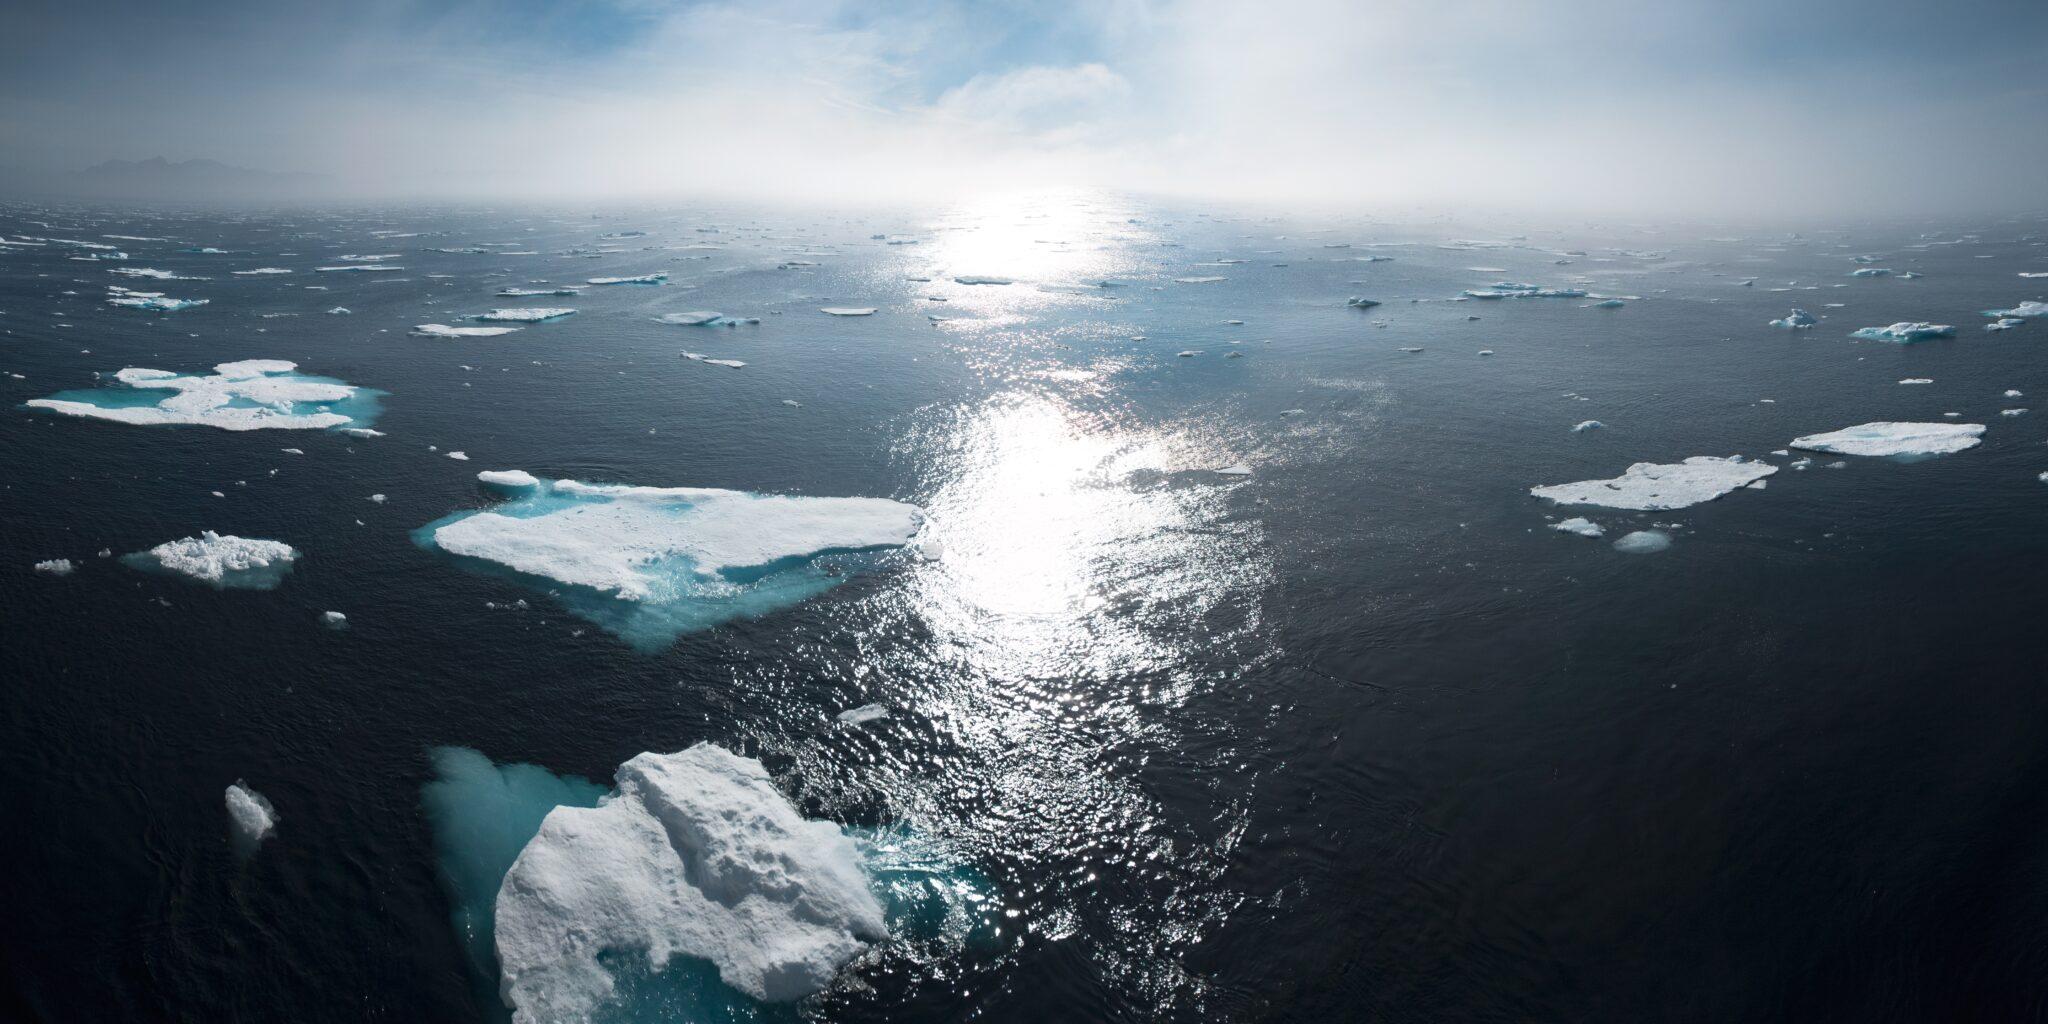 Arktischer Ozean mit Eisschollen darauf.